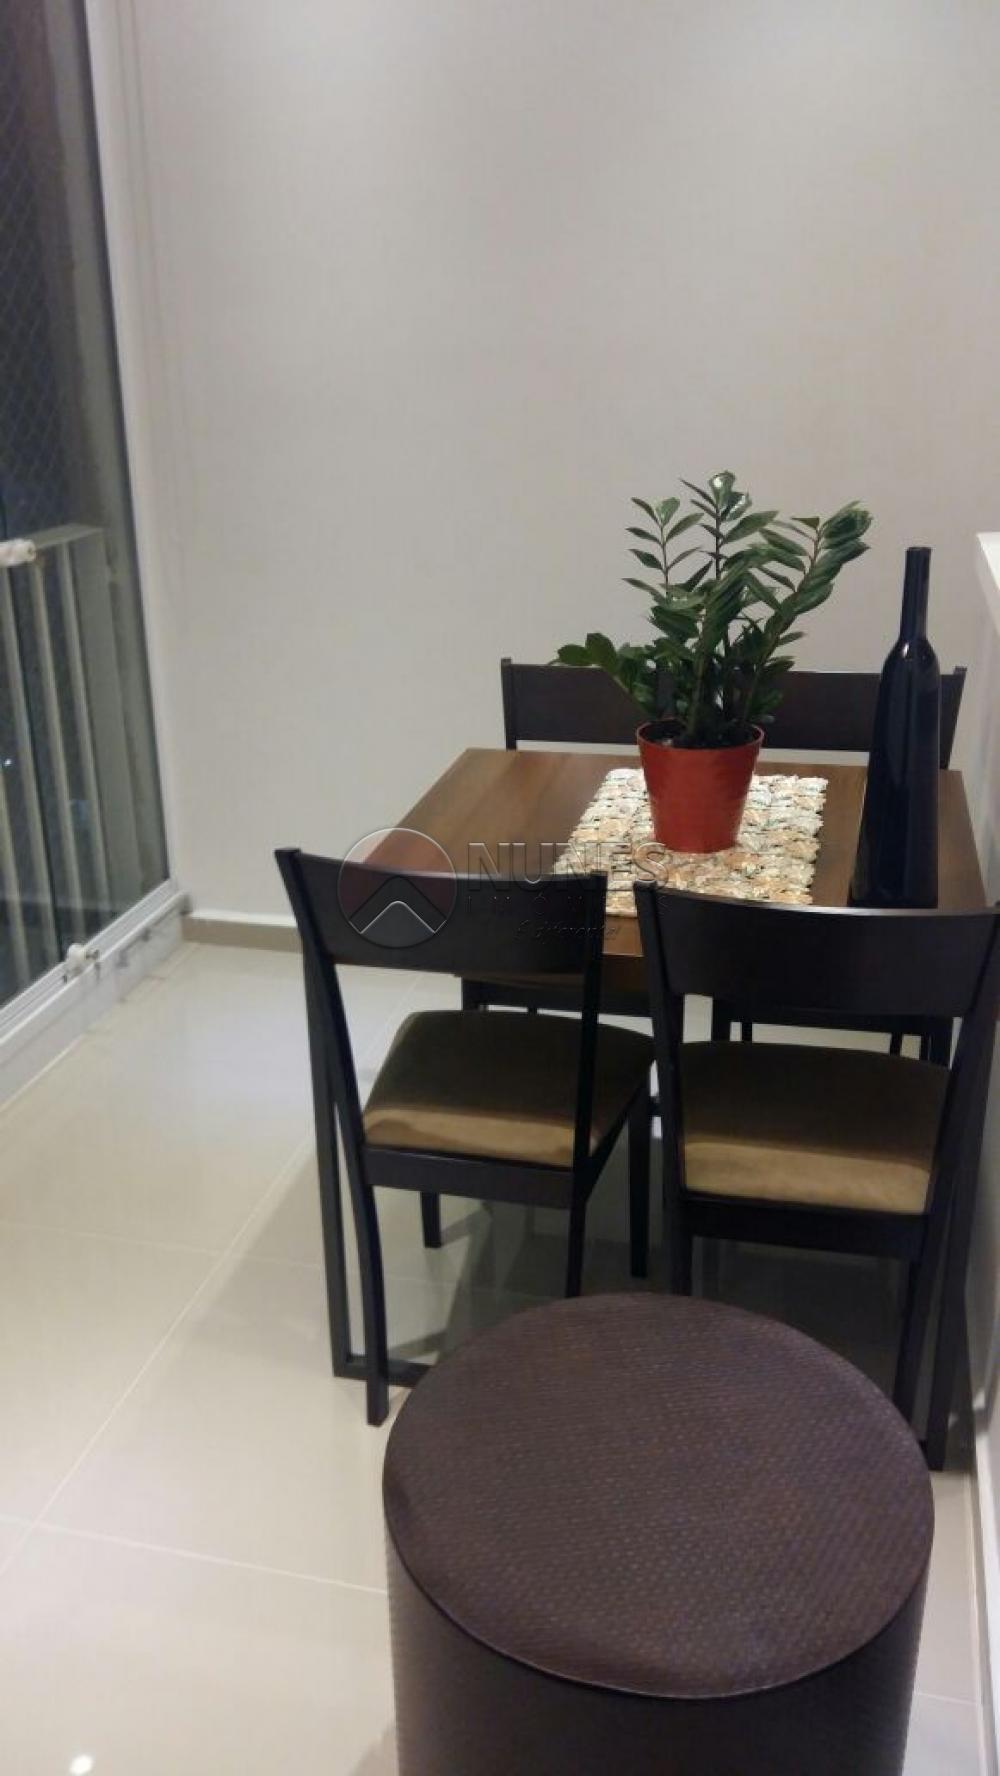 Comprar Apartamento / Padrão em Osasco apenas R$ 340.000,00 - Foto 12